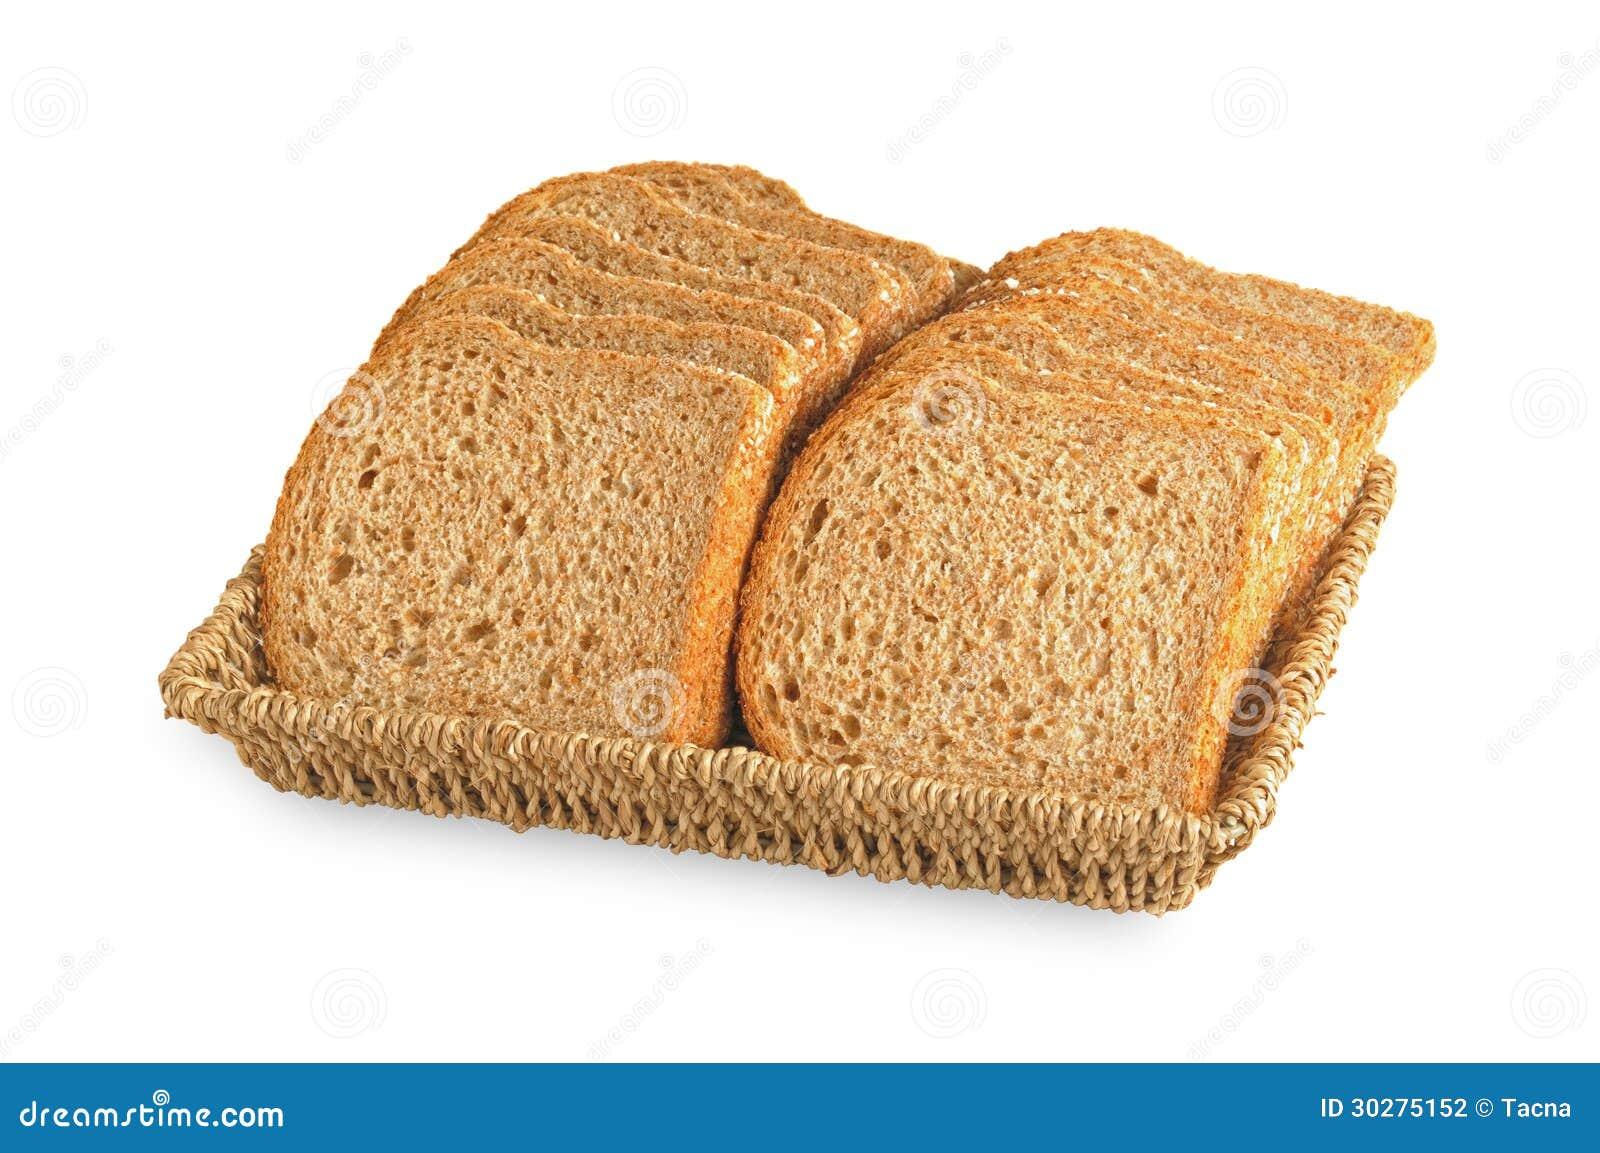 有机黑整个五谷面包